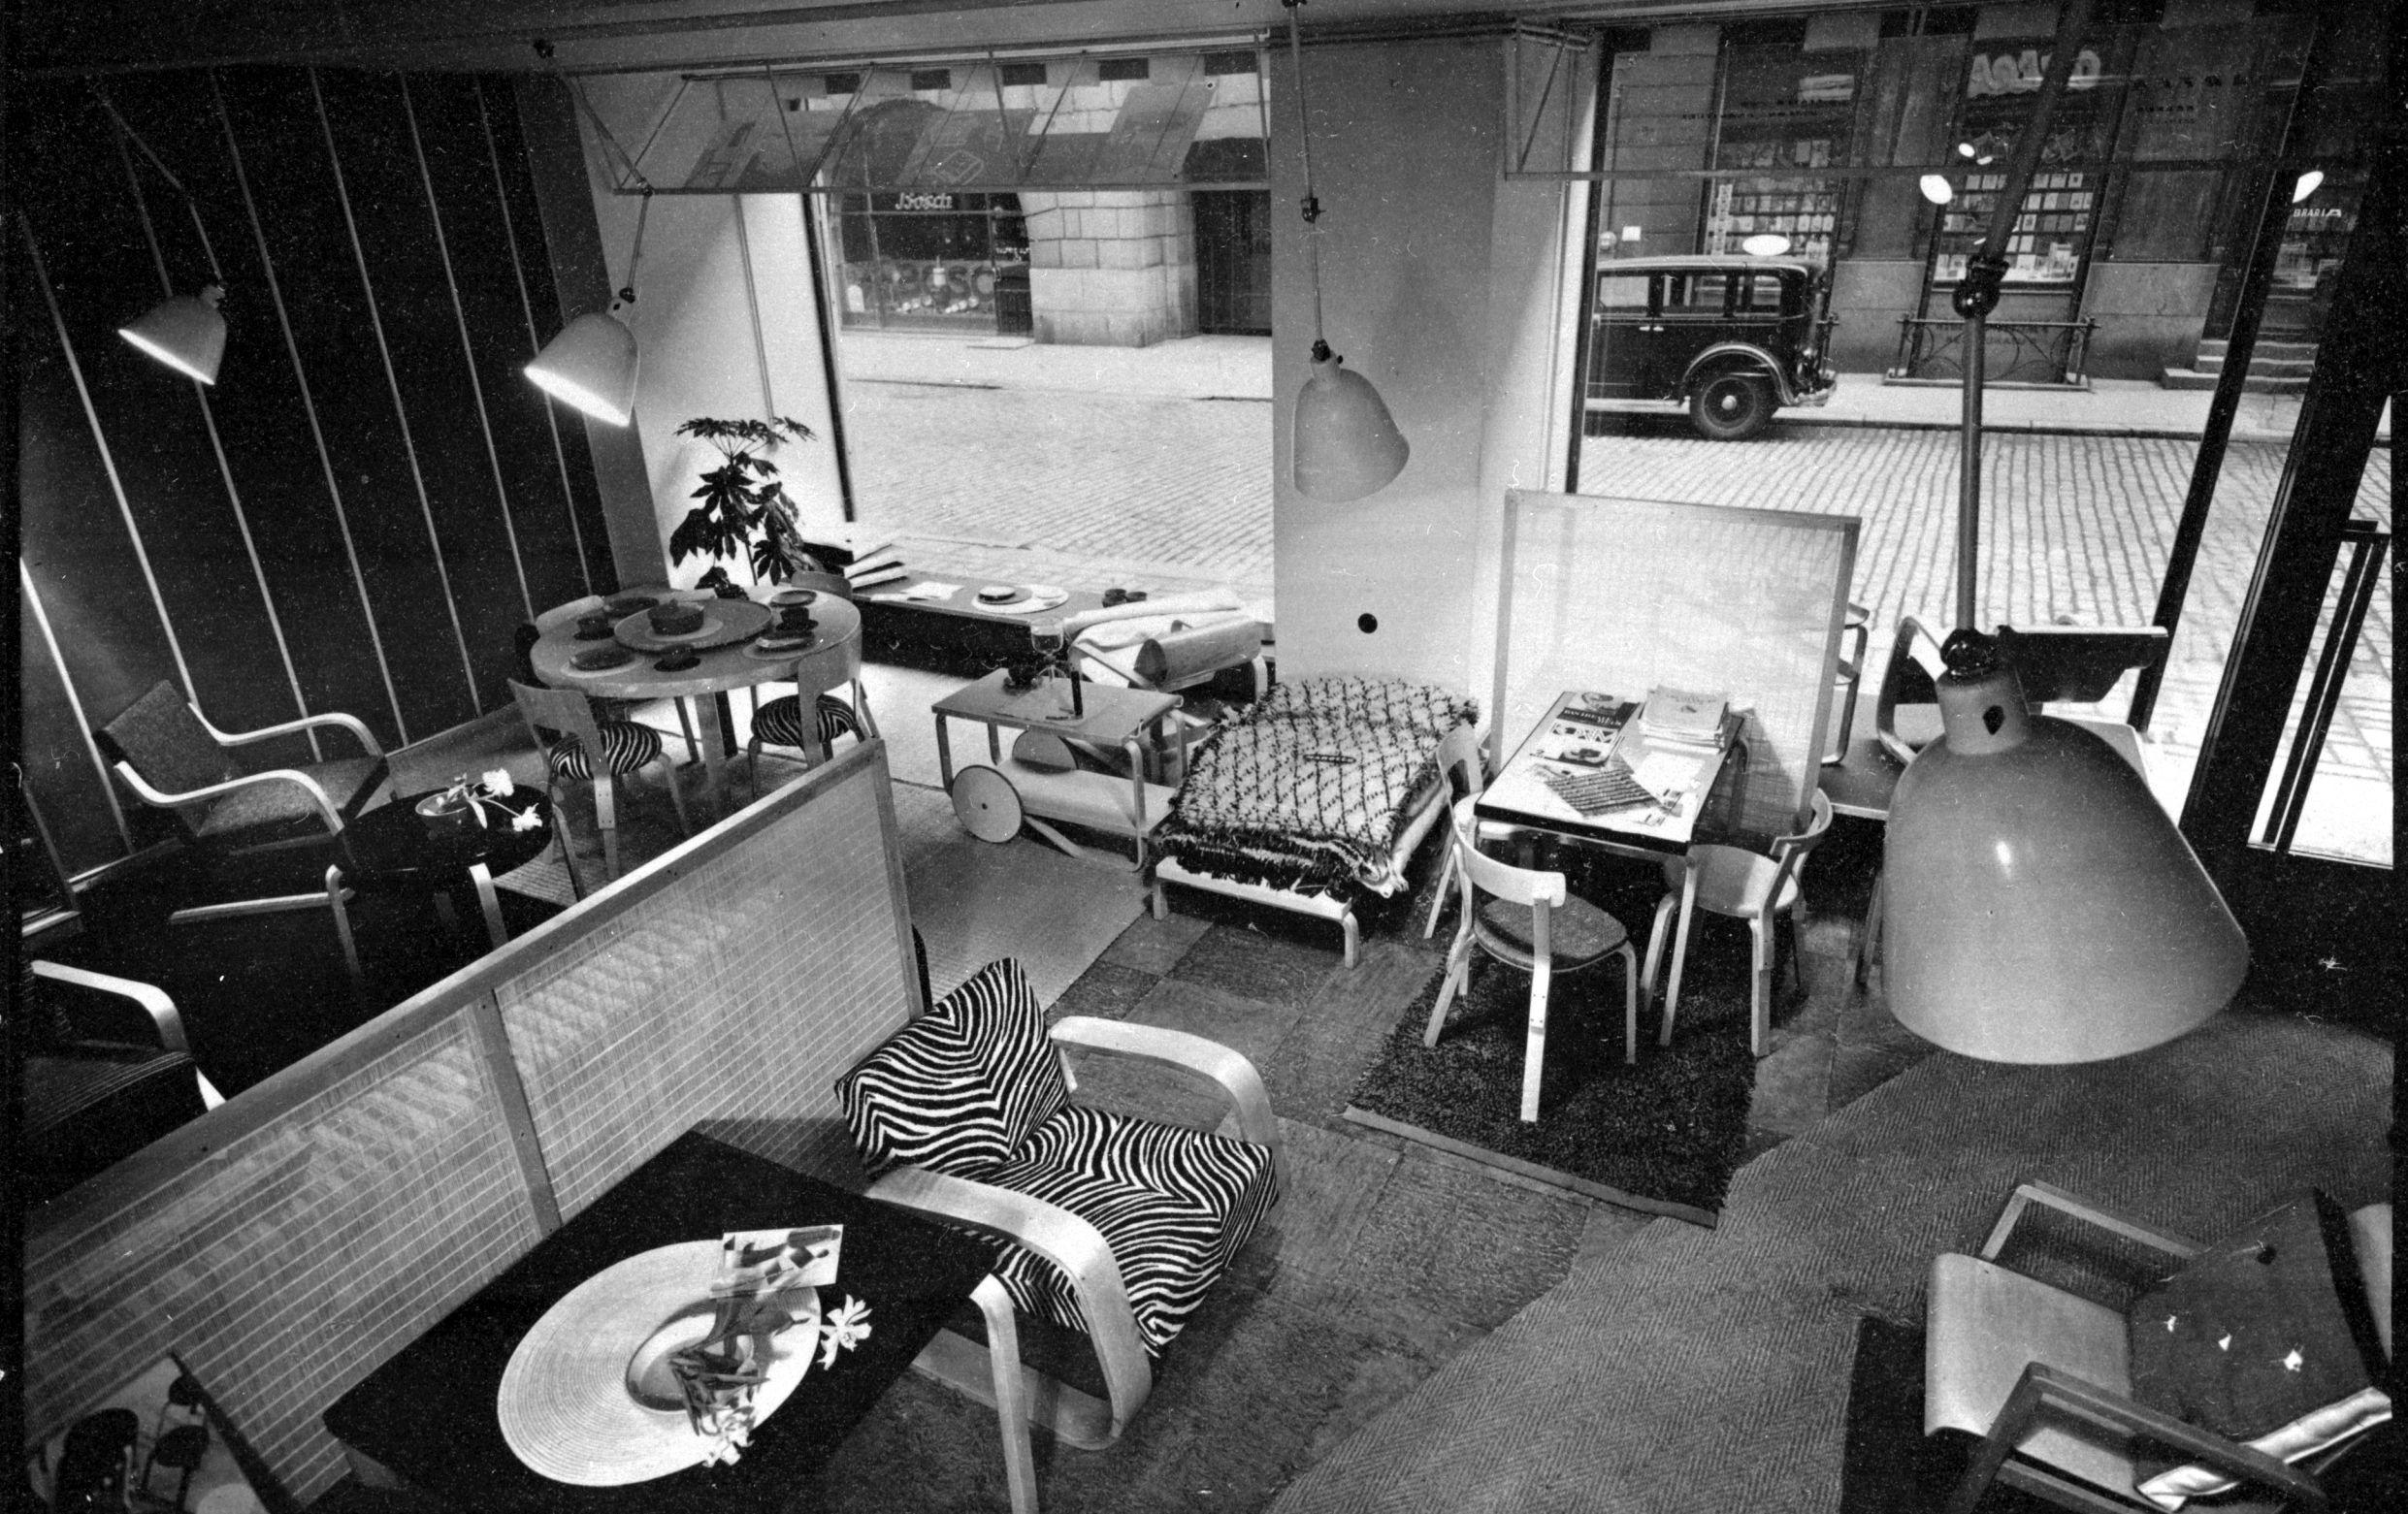 Fabianinkatu-first-Artek-store-in-Helsinki-1936-1848830.jpg